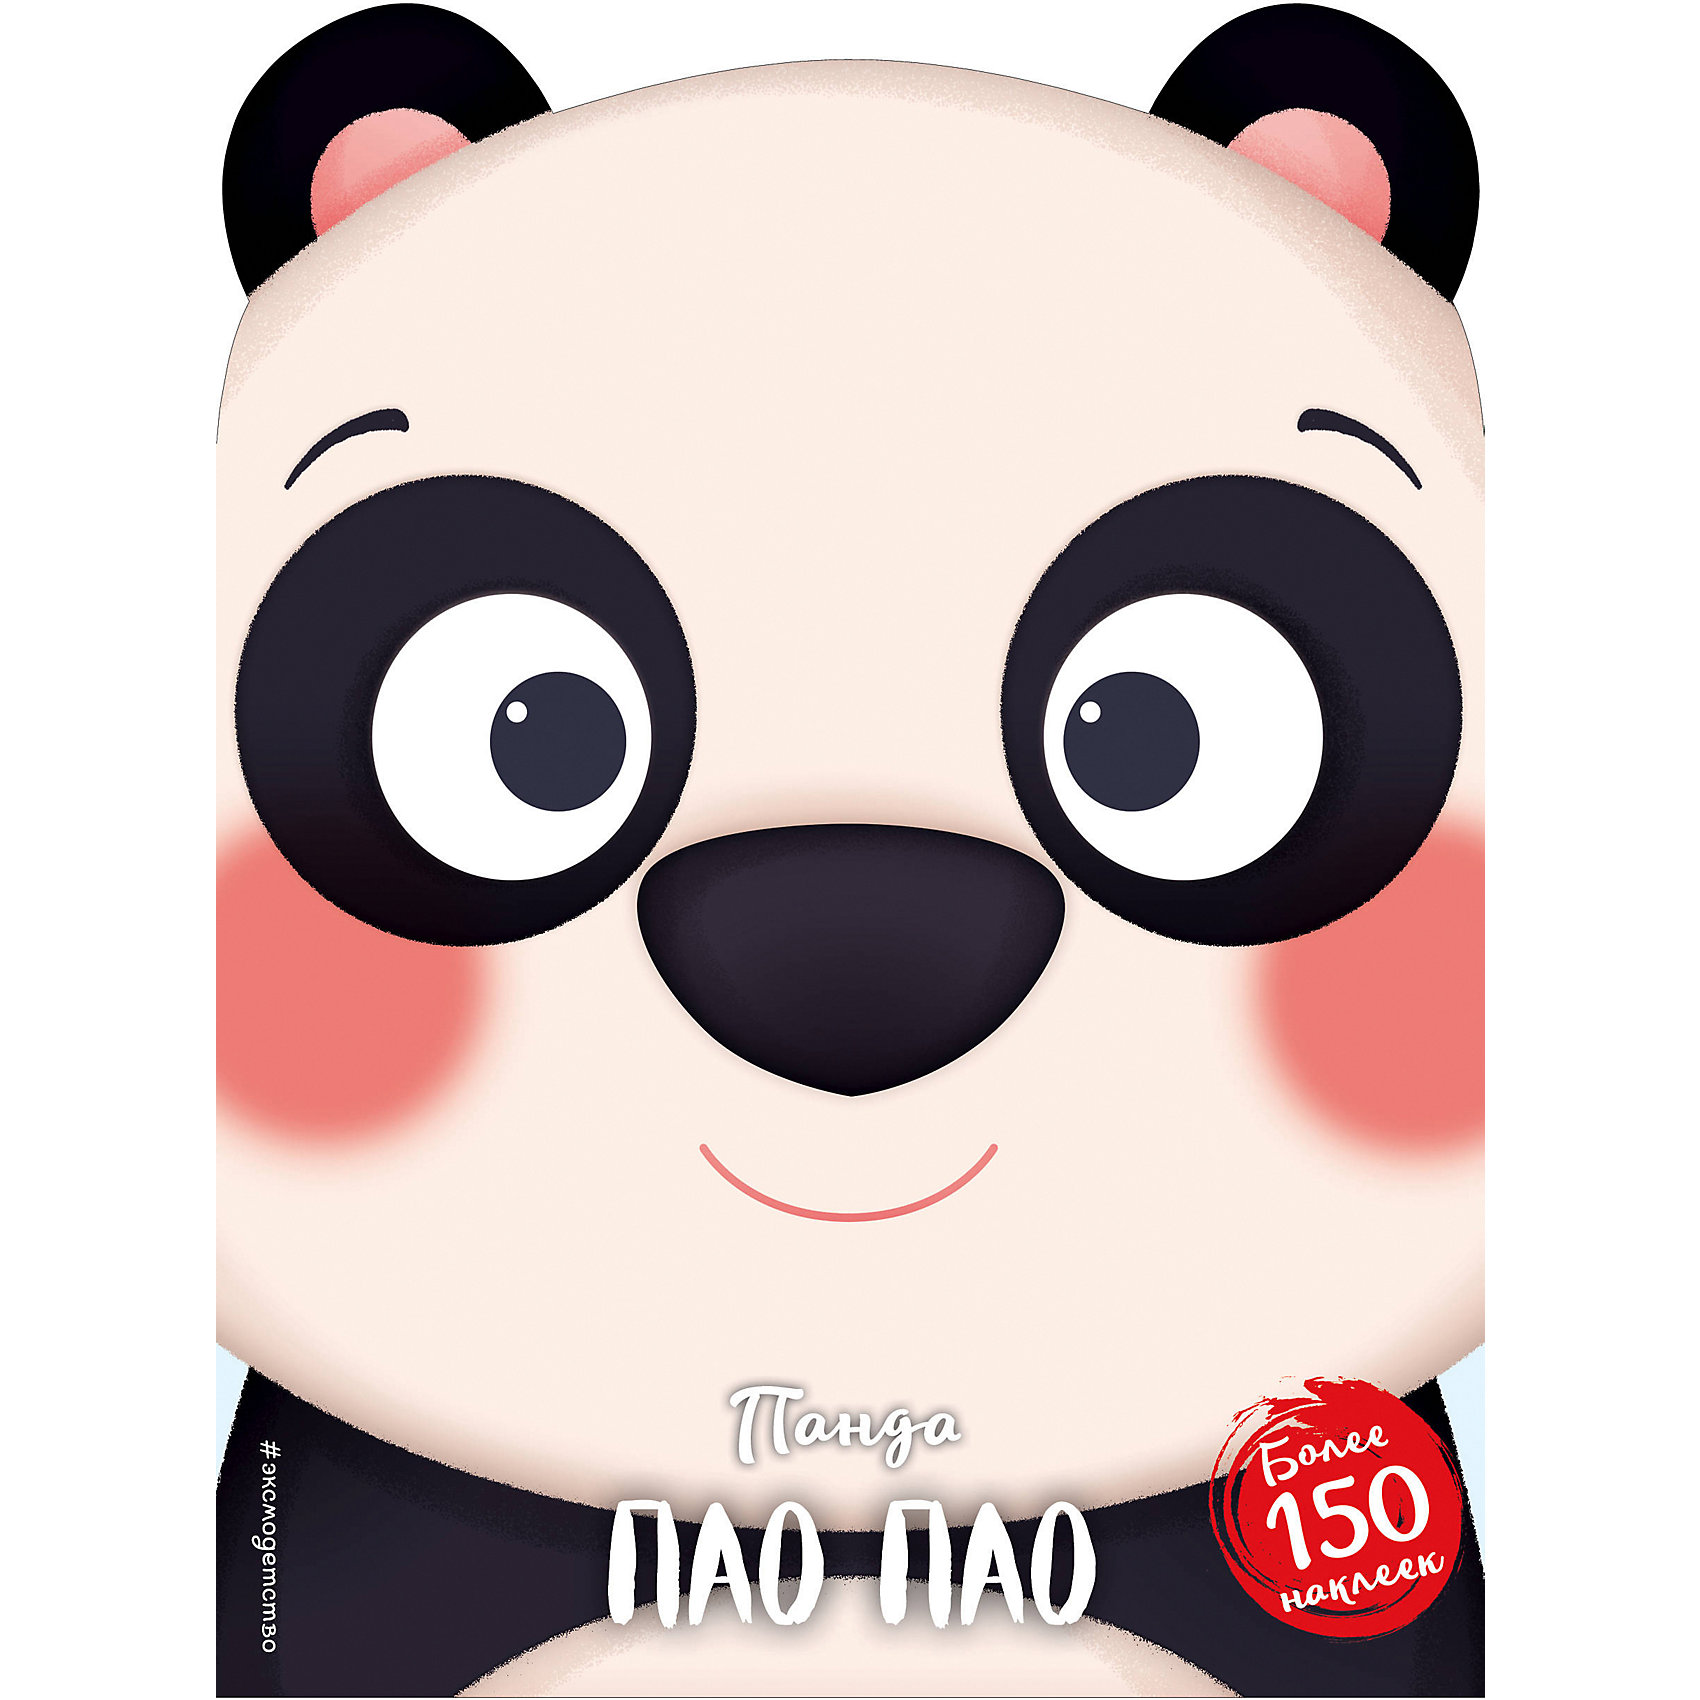 Панда Пао Пао, Эксмо по цене 210